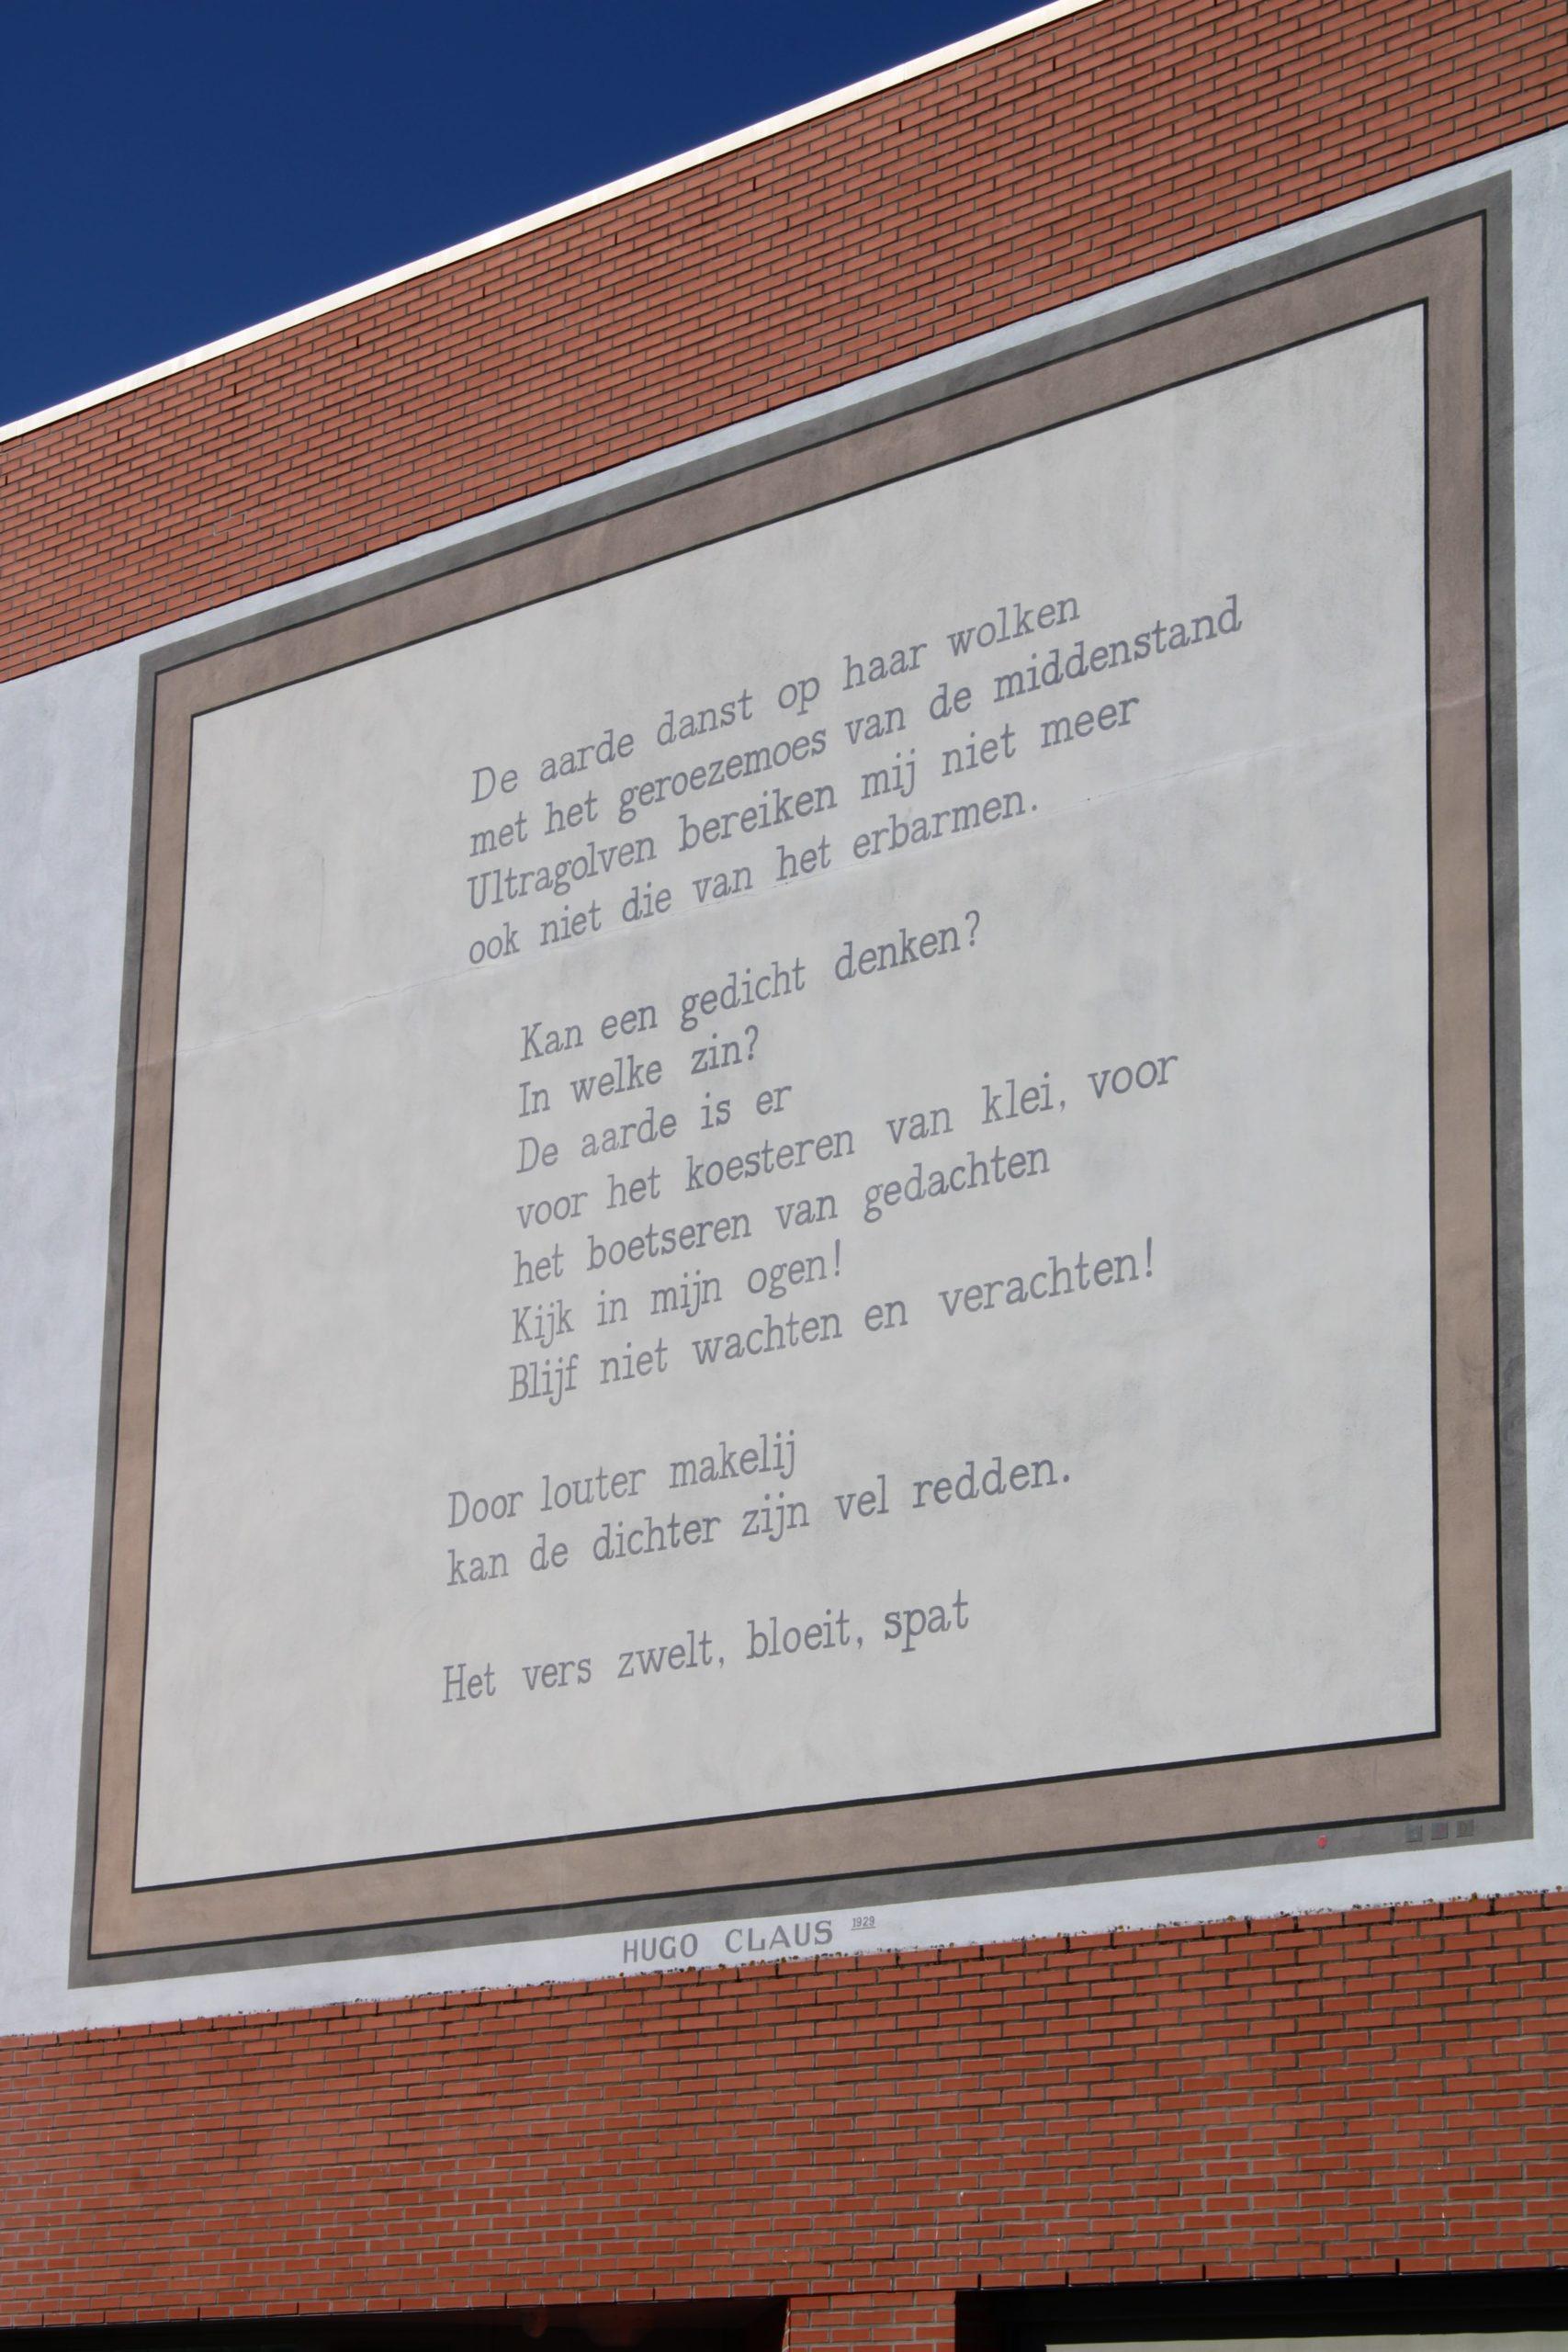 Poem H. Claus